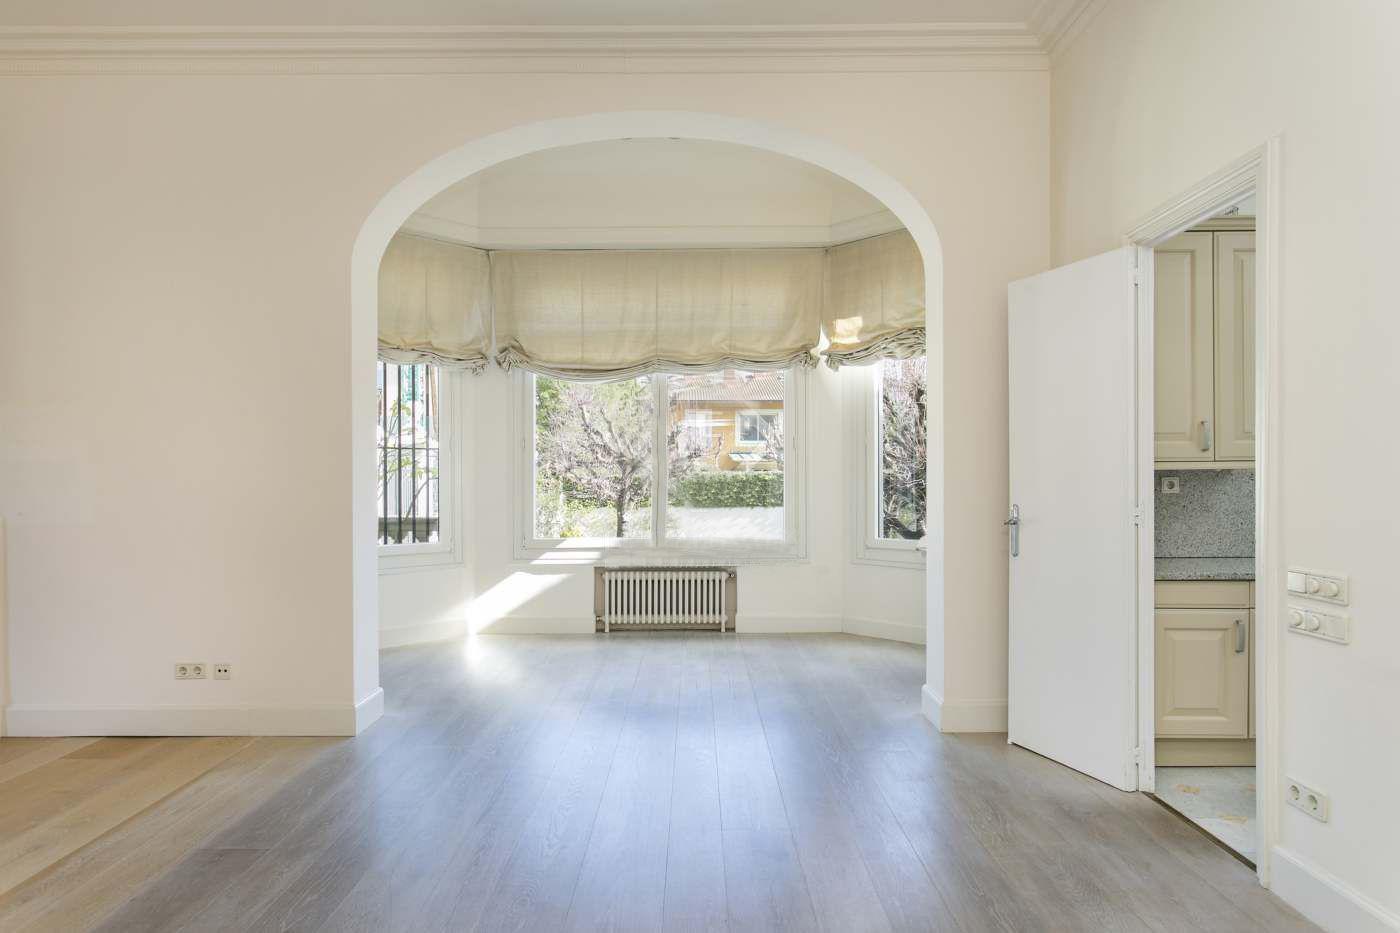 Ecco la casa dove ha vissuto johan cruyff in vendita su for Piani casa 3 camere da letto e garage doppio